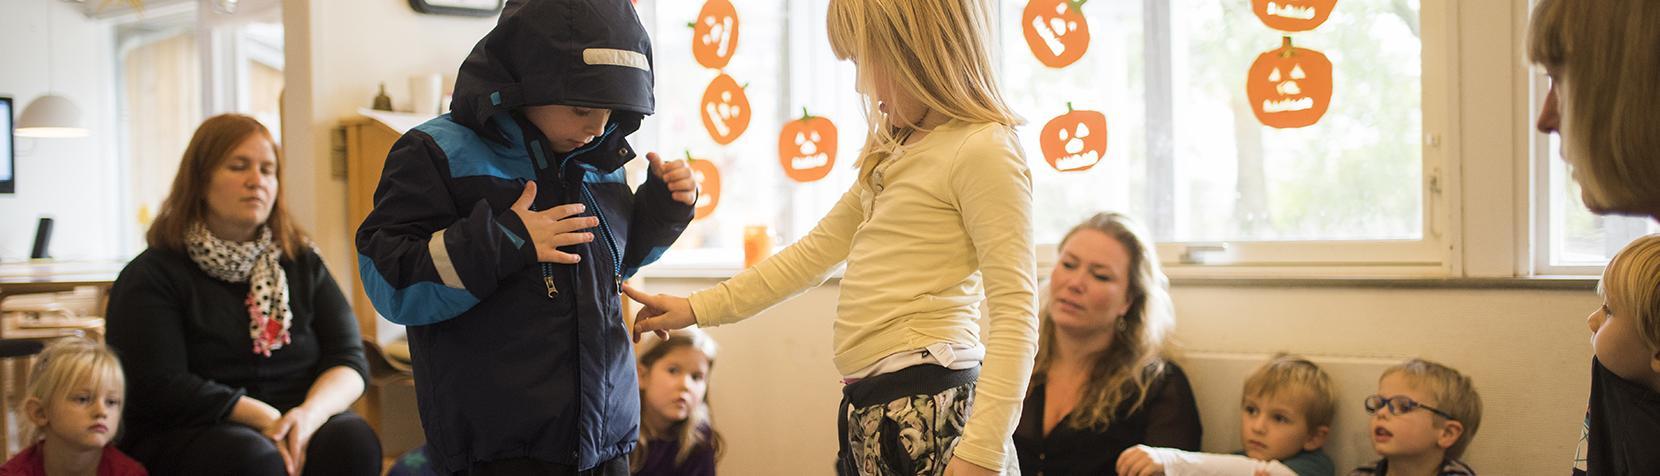 Børn og pædagoger leger i rundkreds